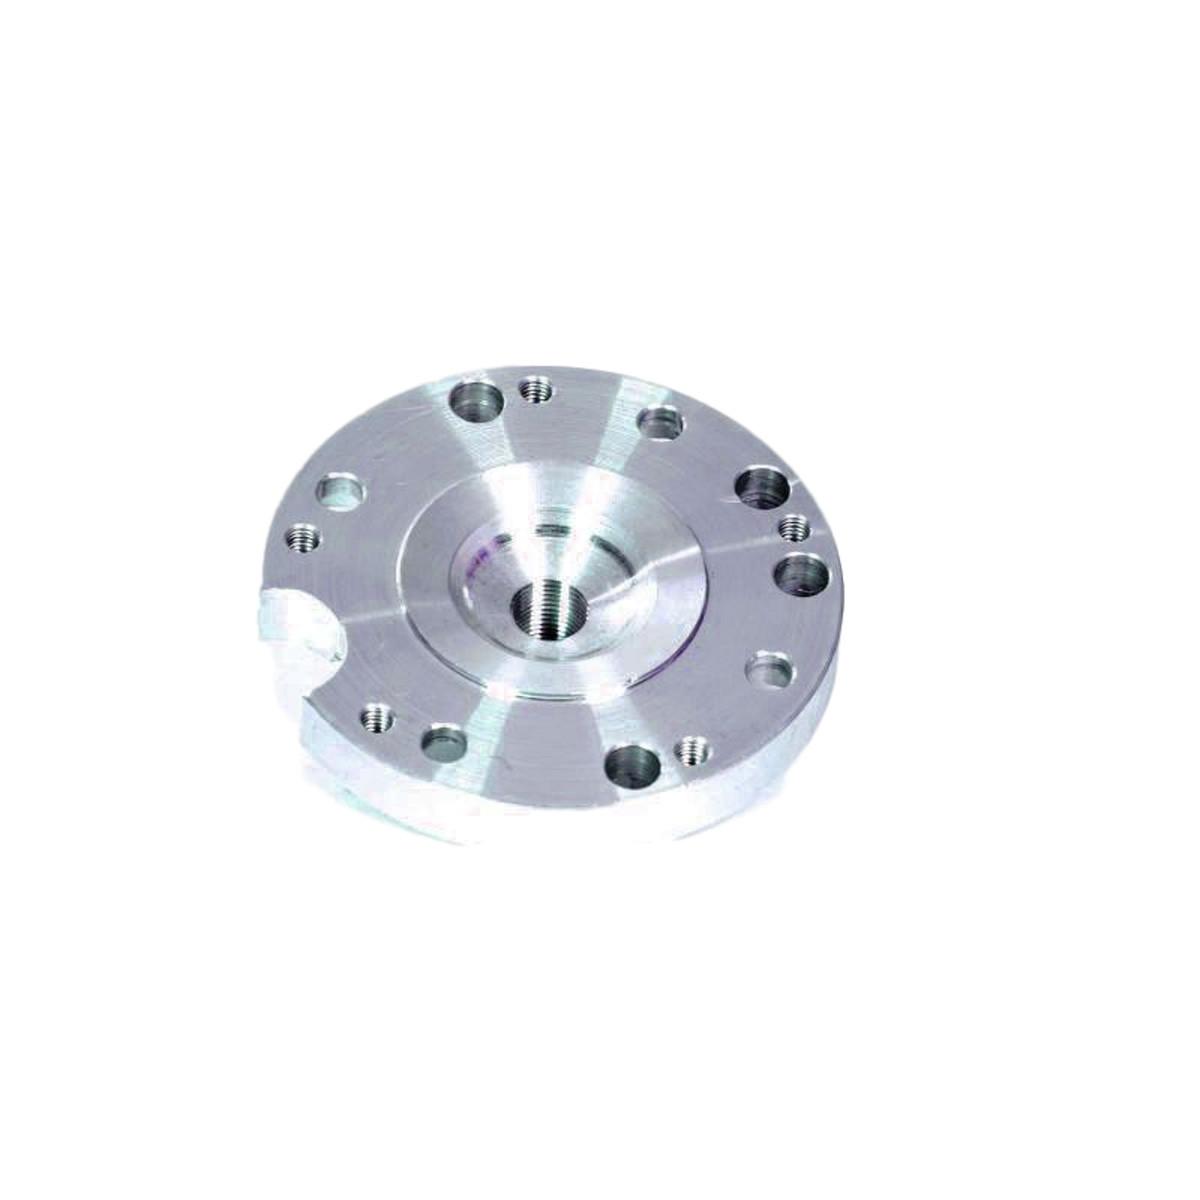 Plot de Culasse DERBI E2 50mm - MVT